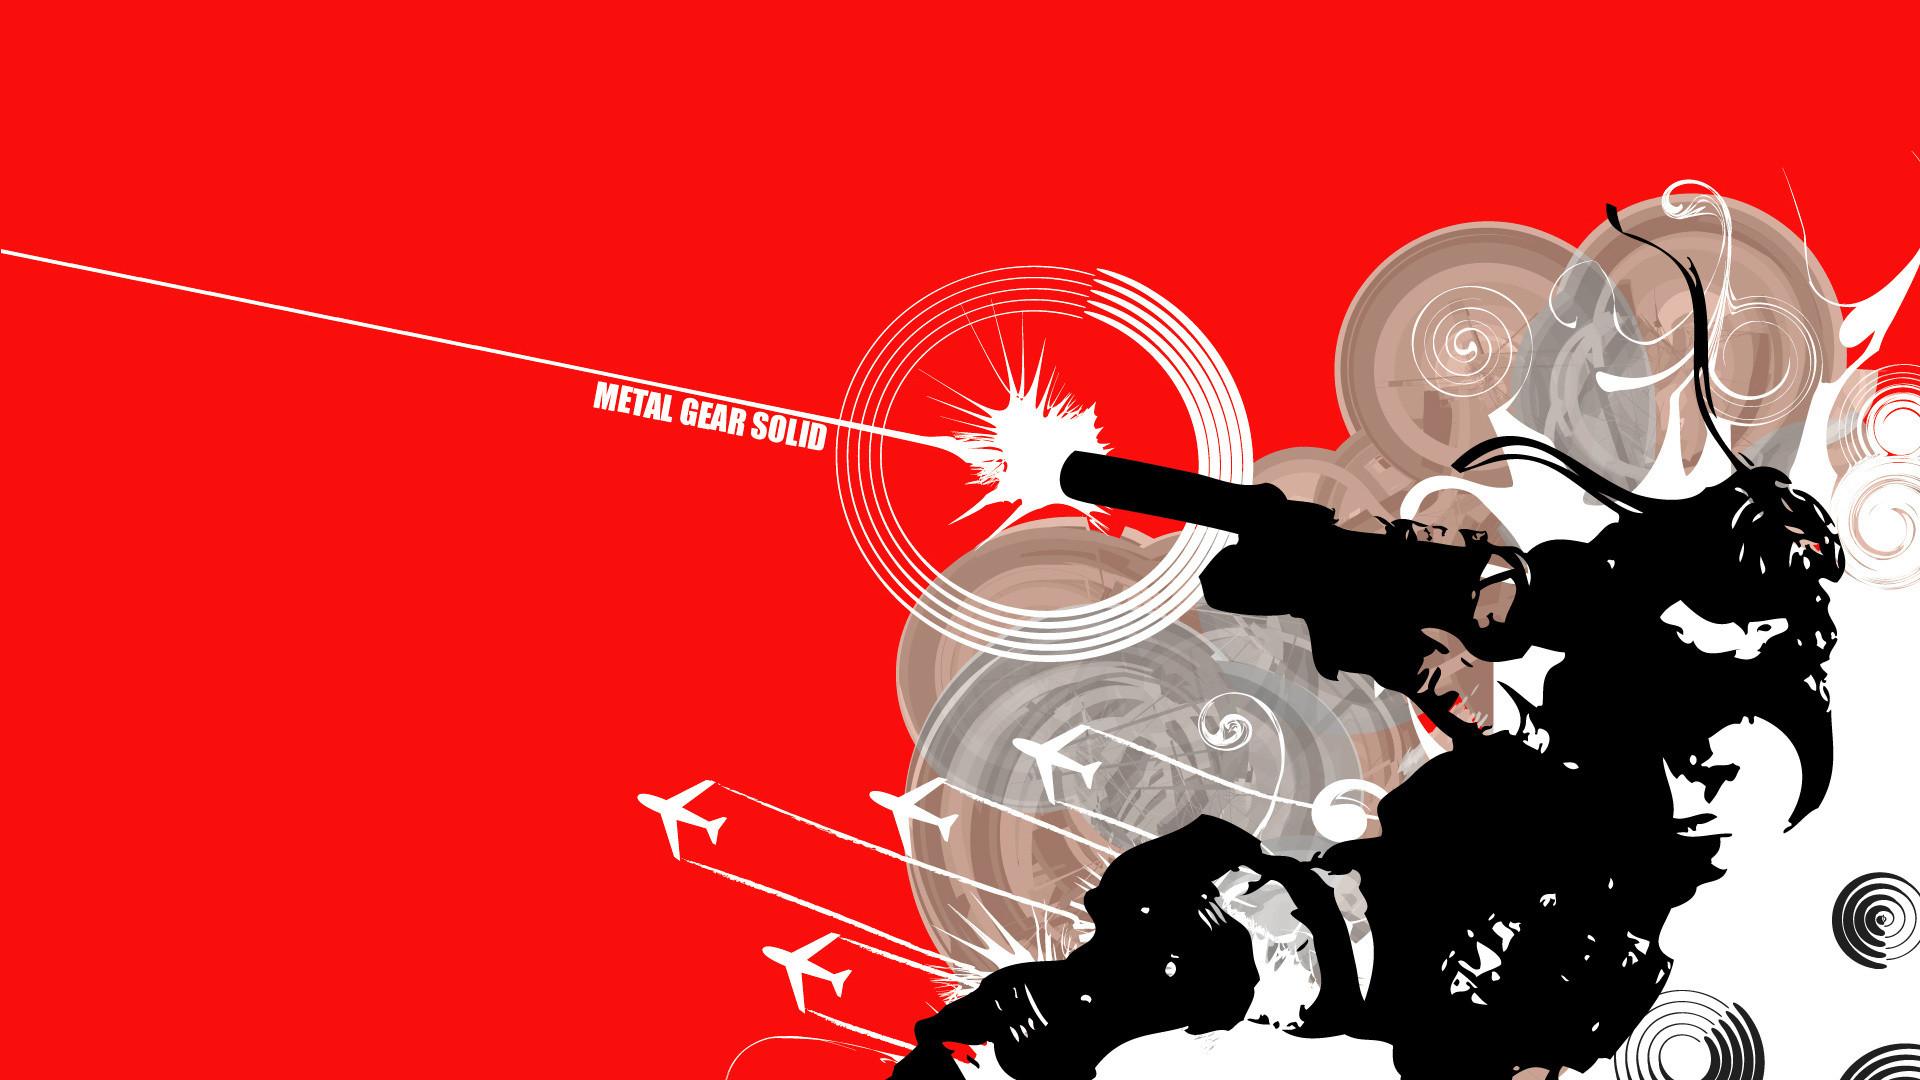 Metal Gear Solid 1080p HD Gaming Wallpaper #2142 HD Game Wallpaper .